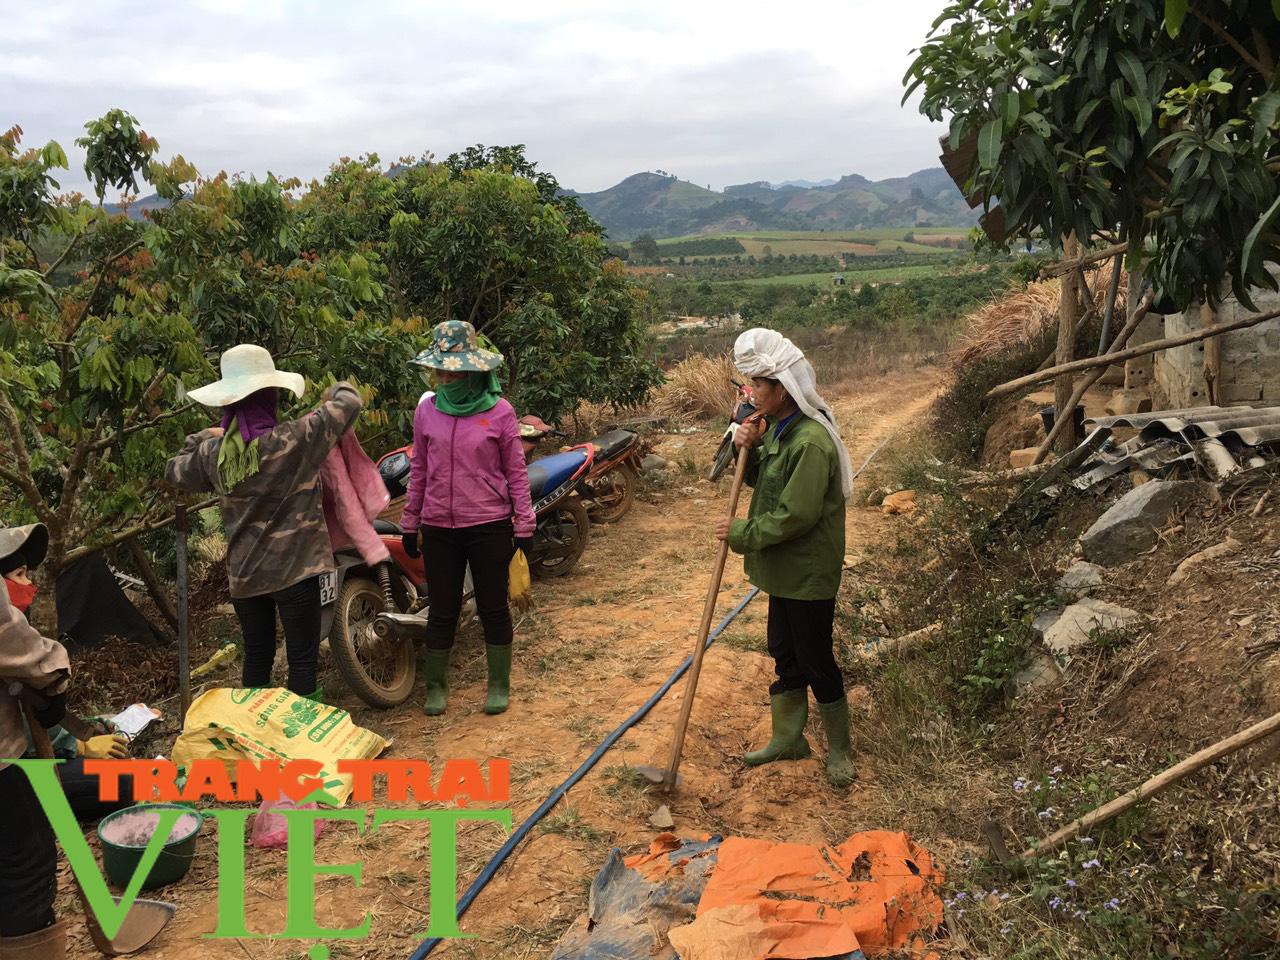 Hội Nông dân Tân Lạc hiến đất, góp công xây dựng nông thôn mới  - Ảnh 5.